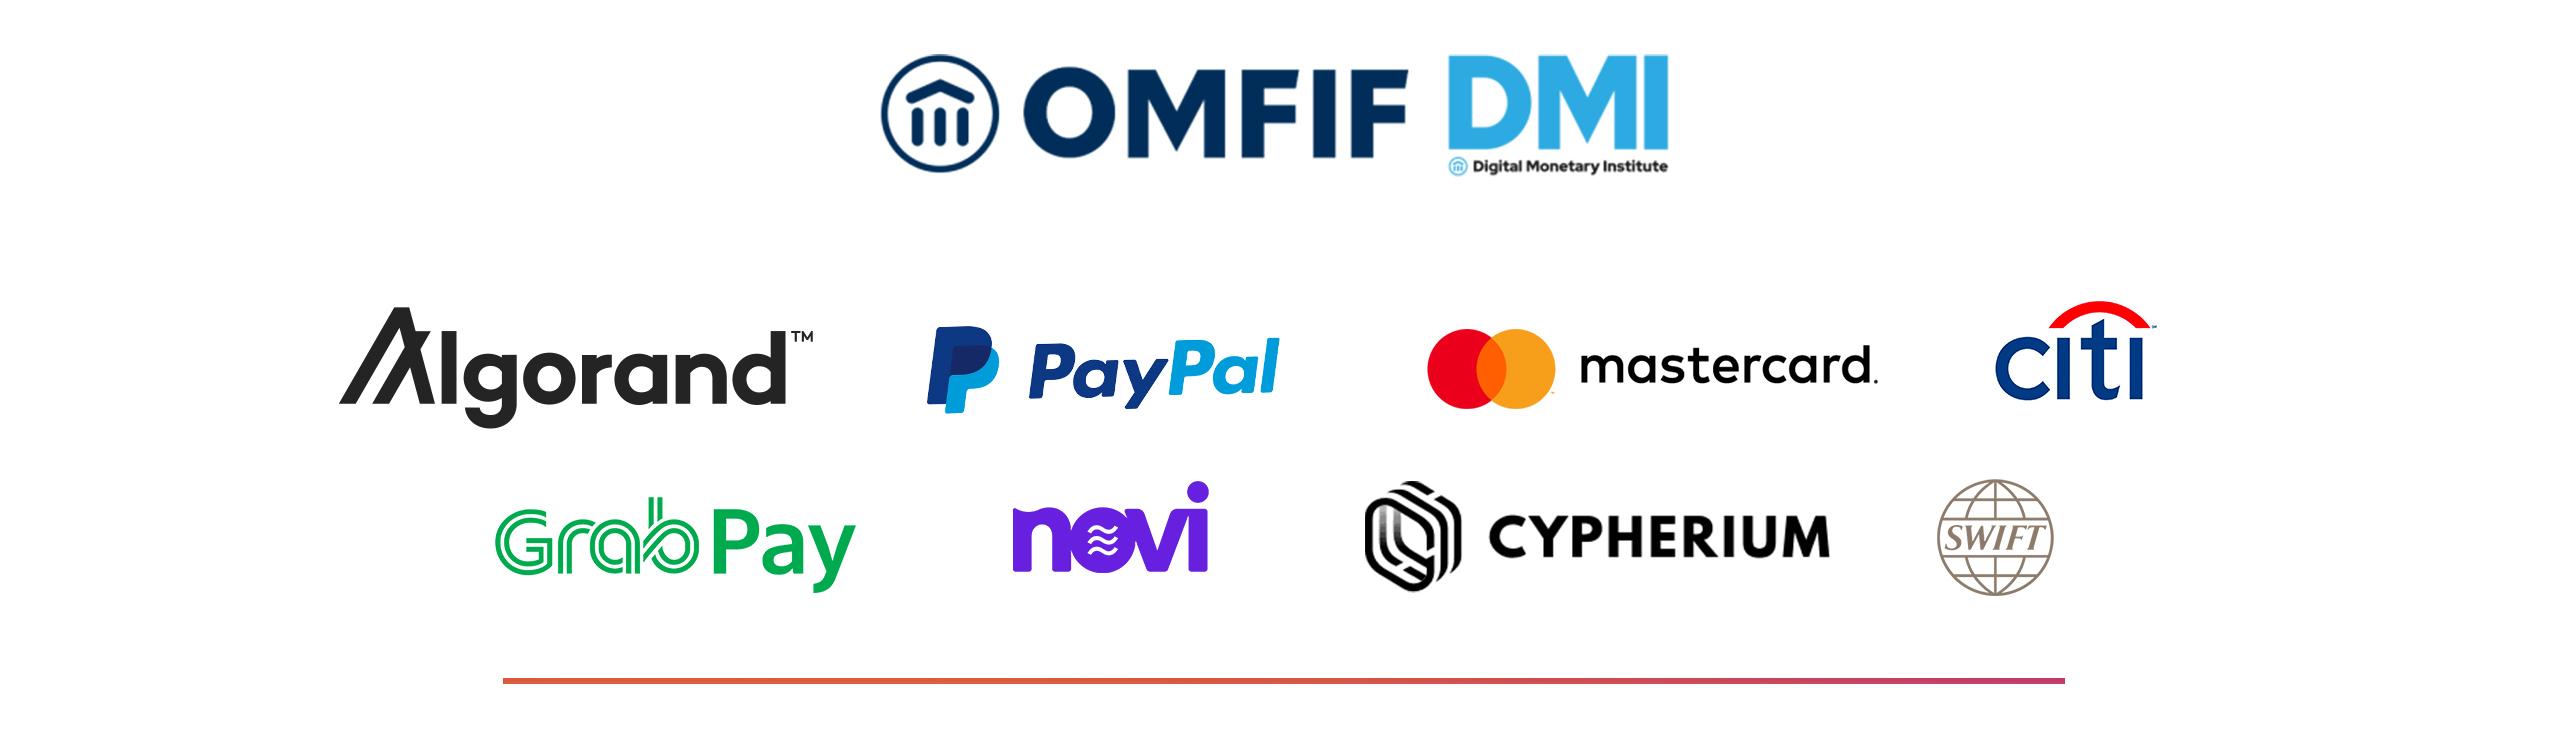 OMFIF-Hubspot